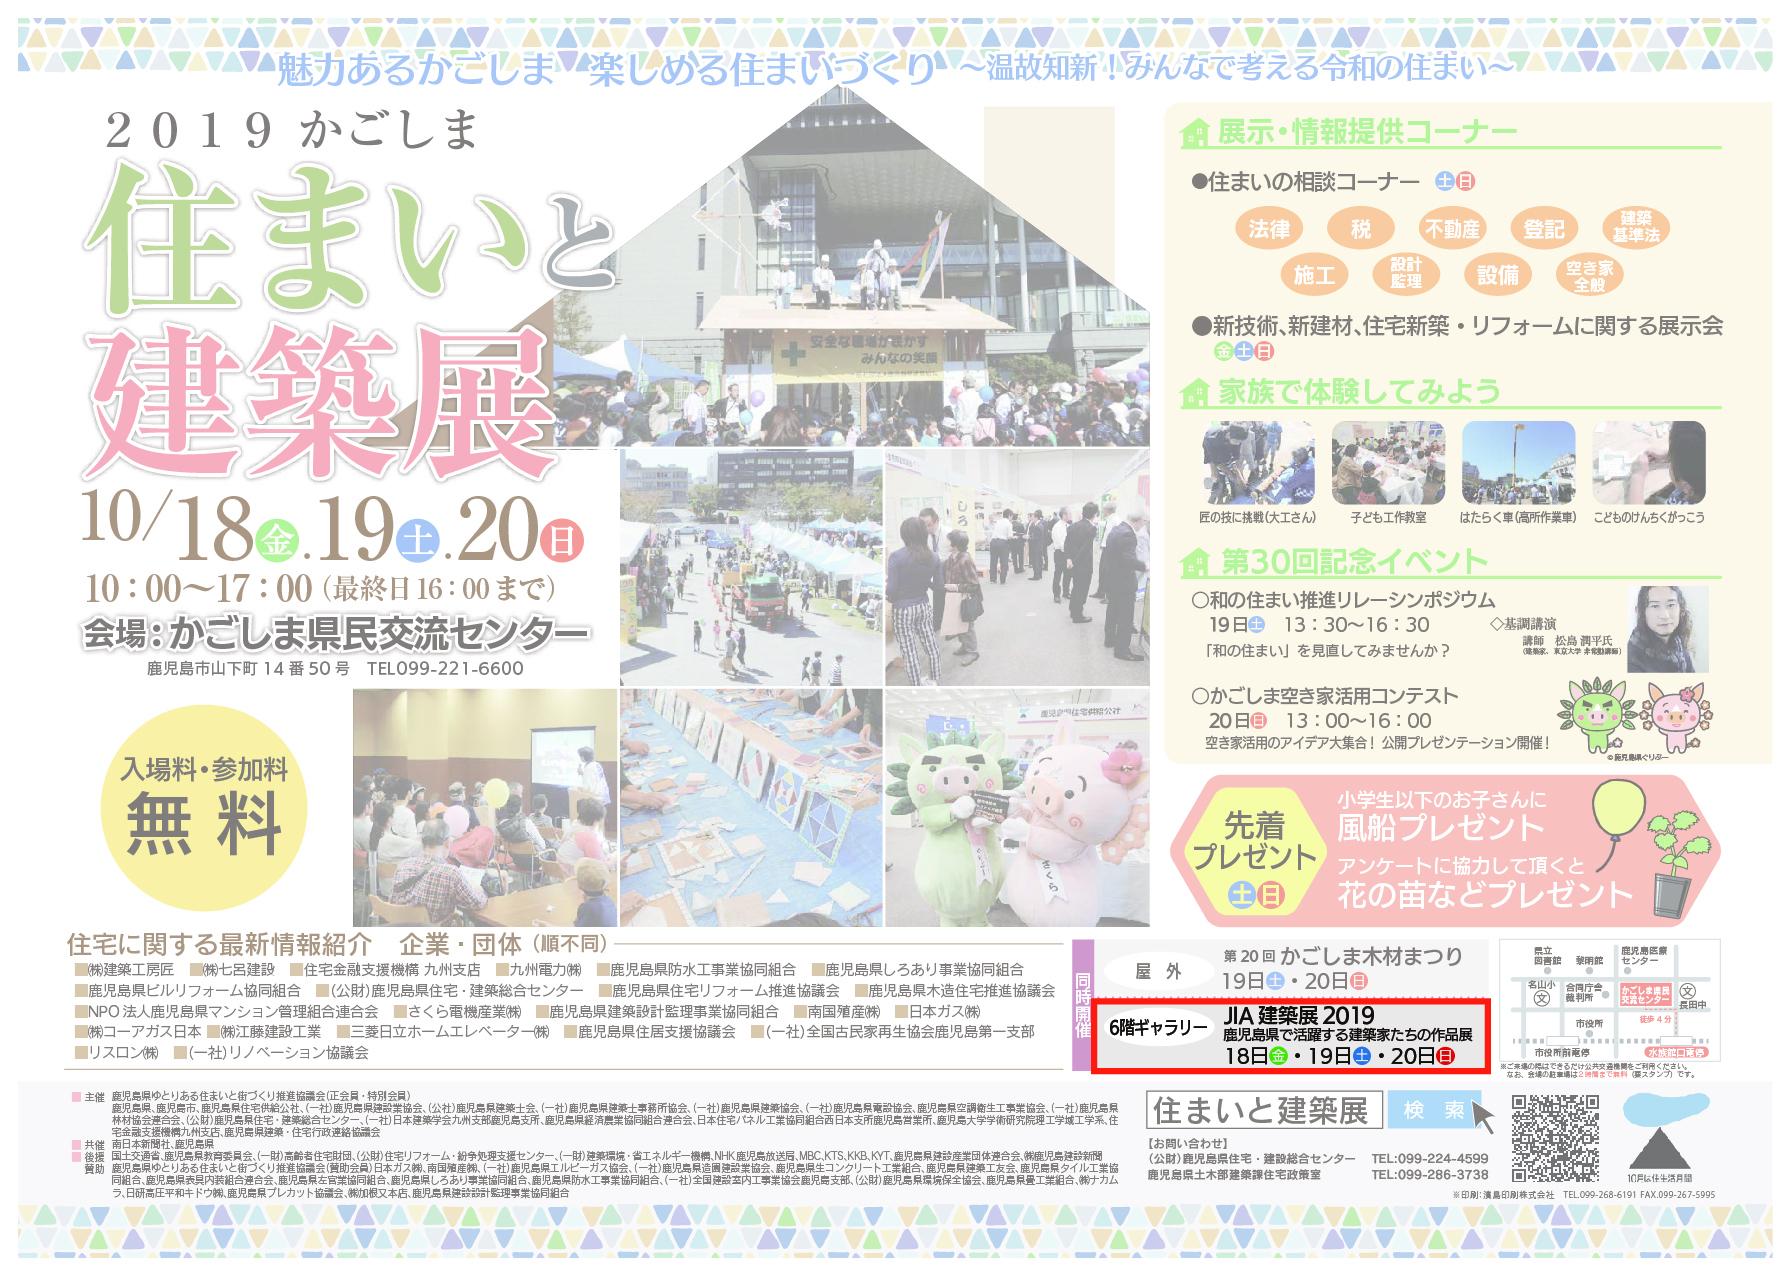 JIA建築展-01.jpg